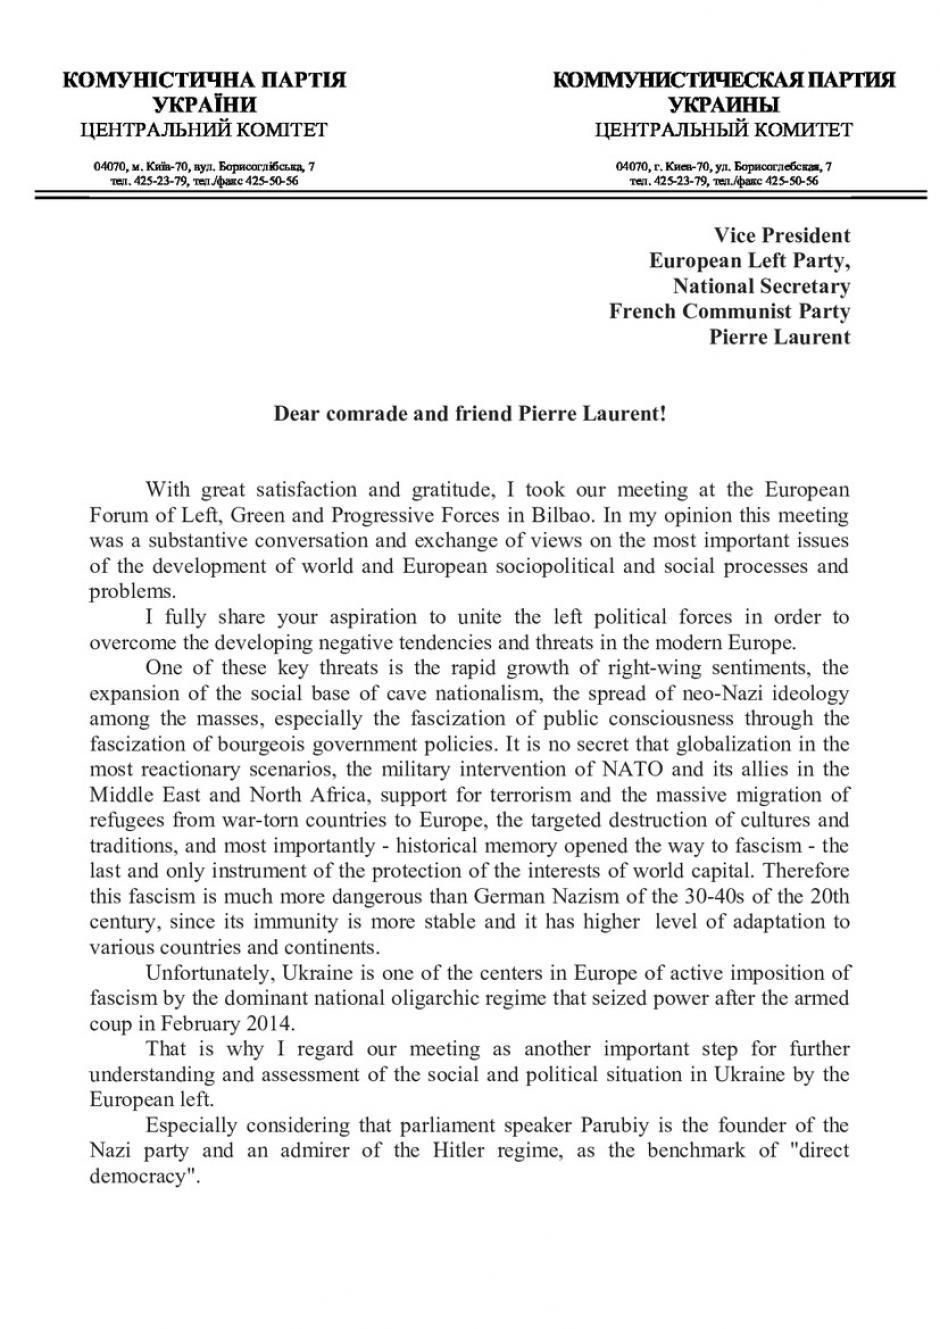 Lettre de Petro Symonenko, Premier secrétaire du Comité central du Parti communiste d'Ukraine, à Pierre Laurent, secrétaire national du PCF.